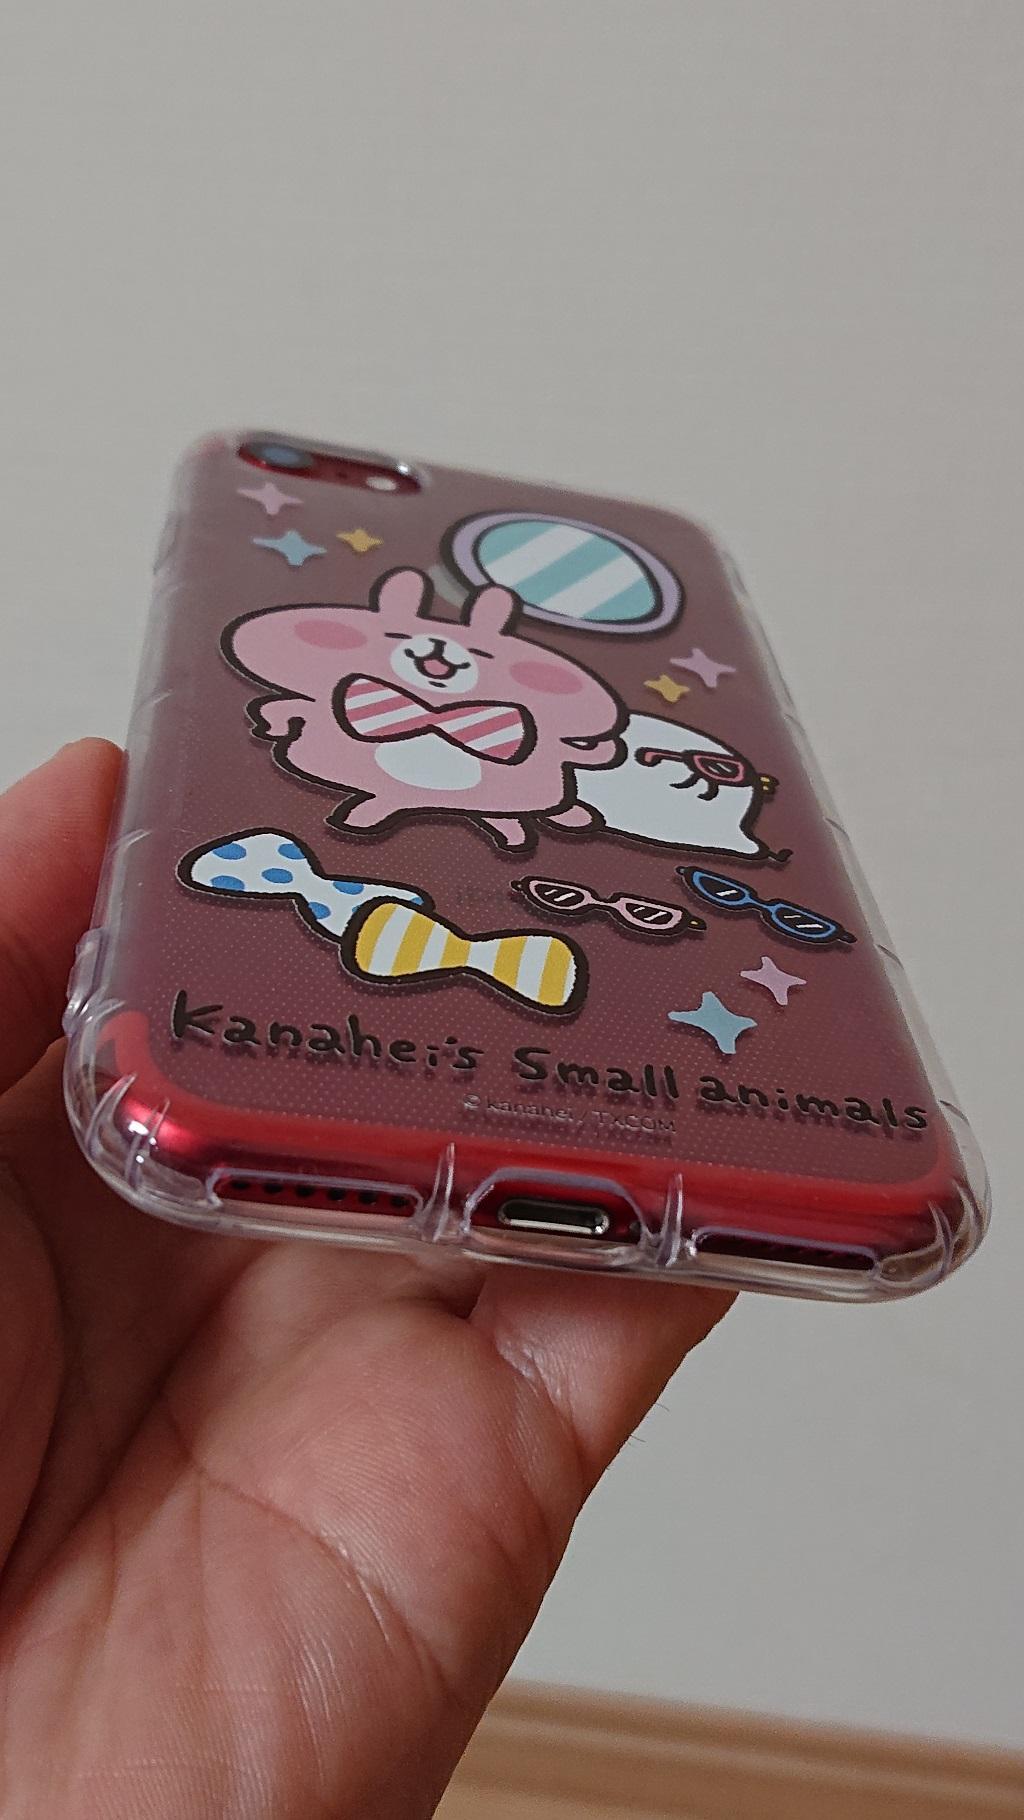 卡娜赫拉的小動物 iPhone 7 手機保護殻 - カナヘイの小動物のiPhone 7のスマホケース装着時(iPhone裏側・底面のLightningコネクタ・スピーカー)